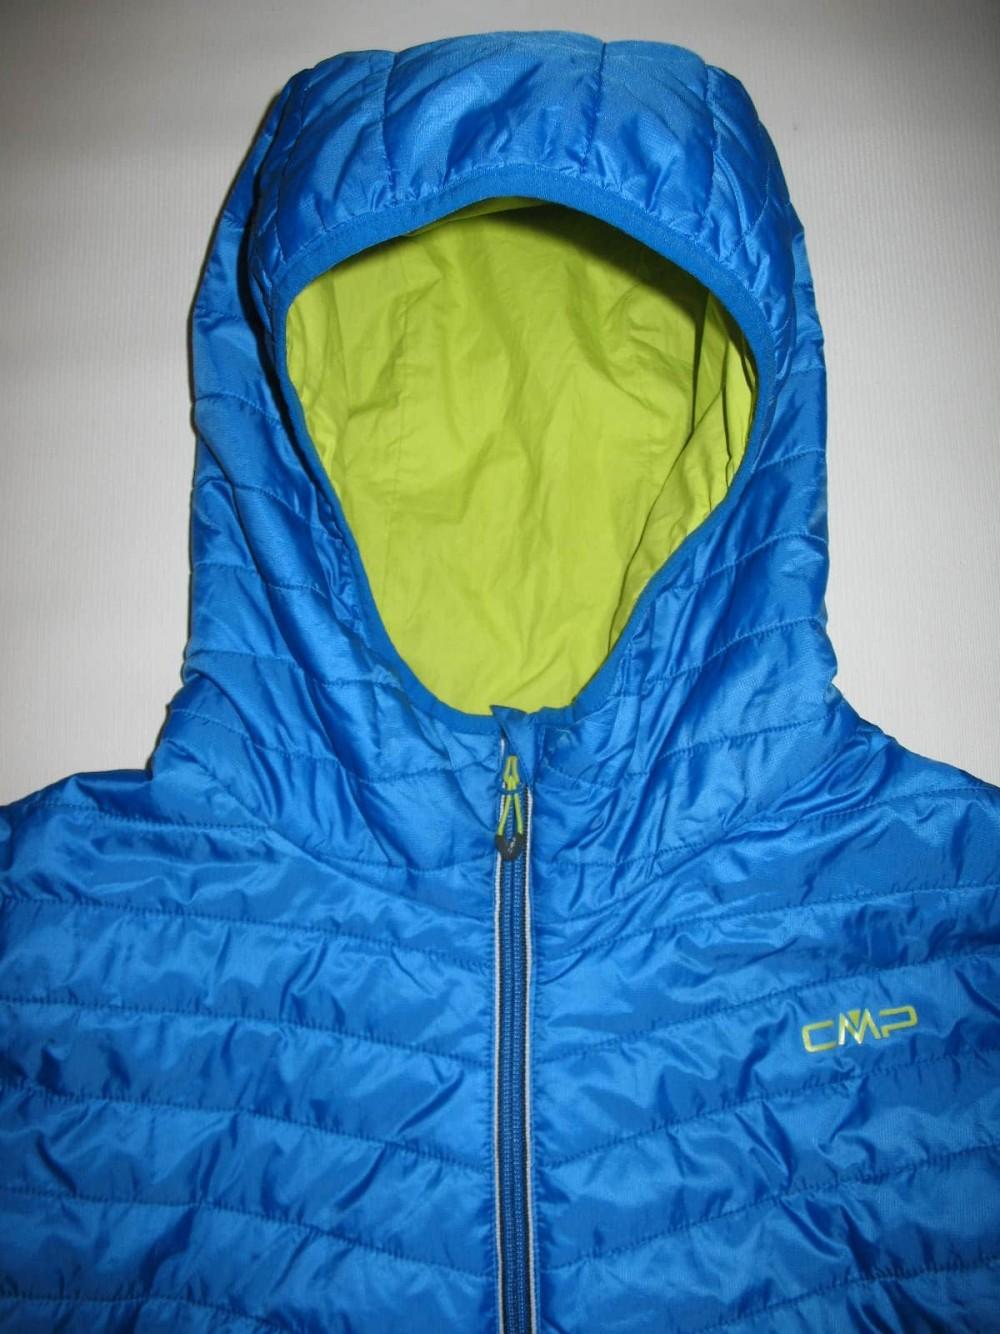 Куртка CMP extralight pack jacket (размер 54/XL) - 2